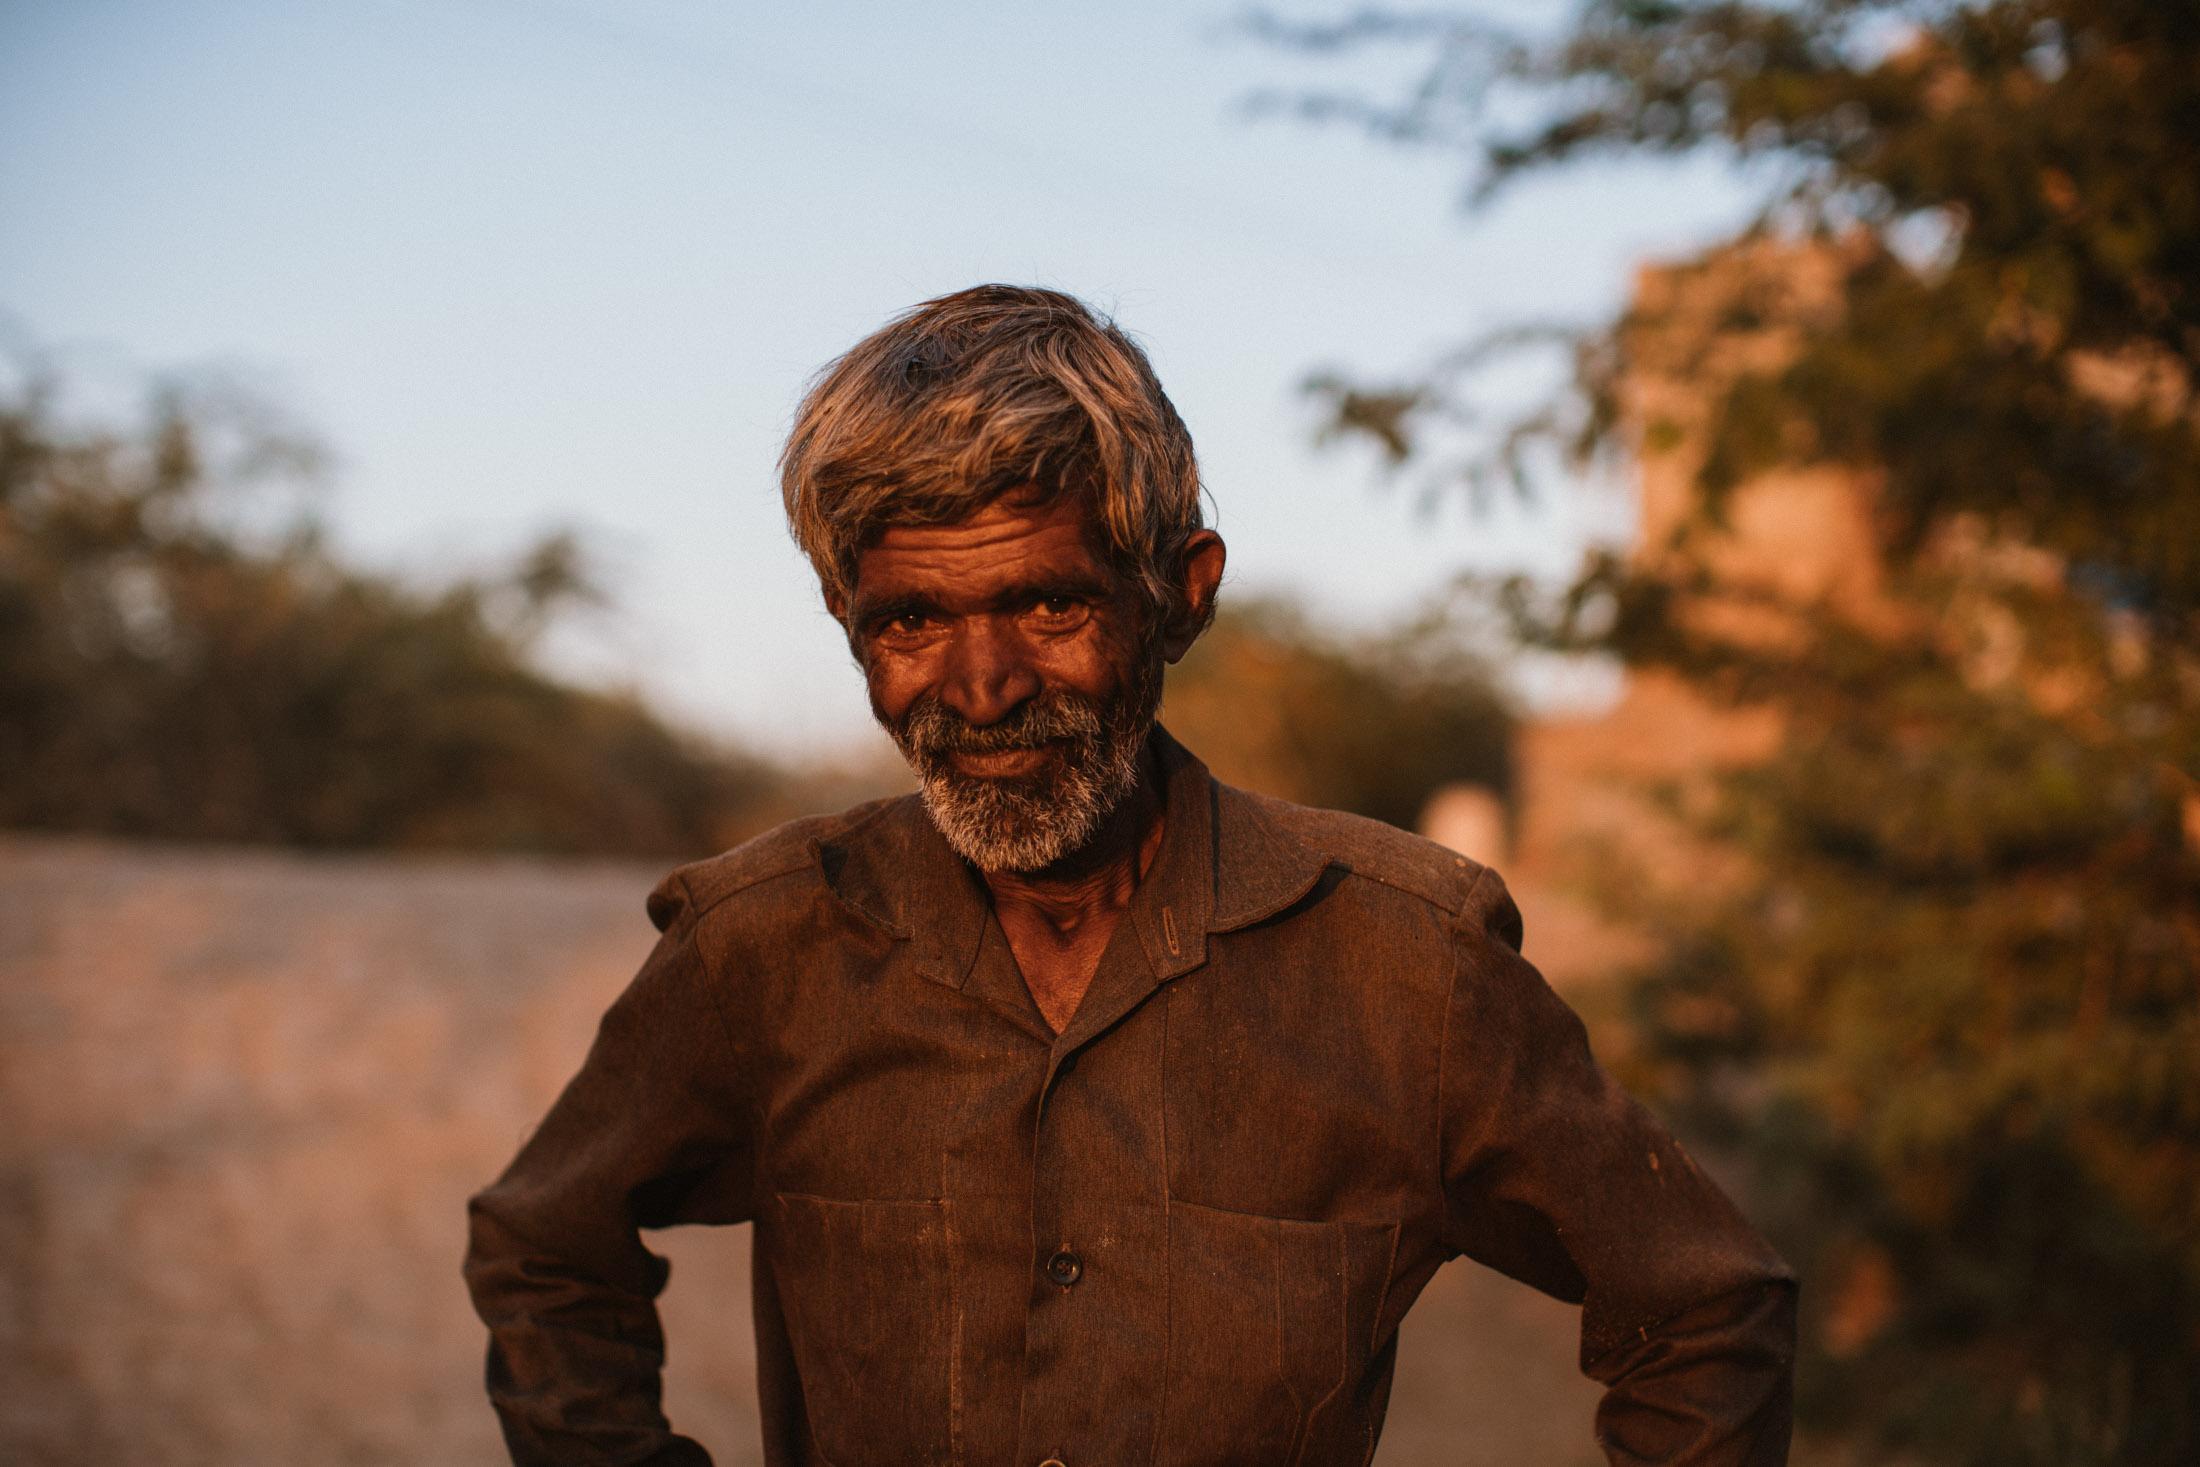 Pushkar Nov 2017-Dean Raphael Photography-90.jpg